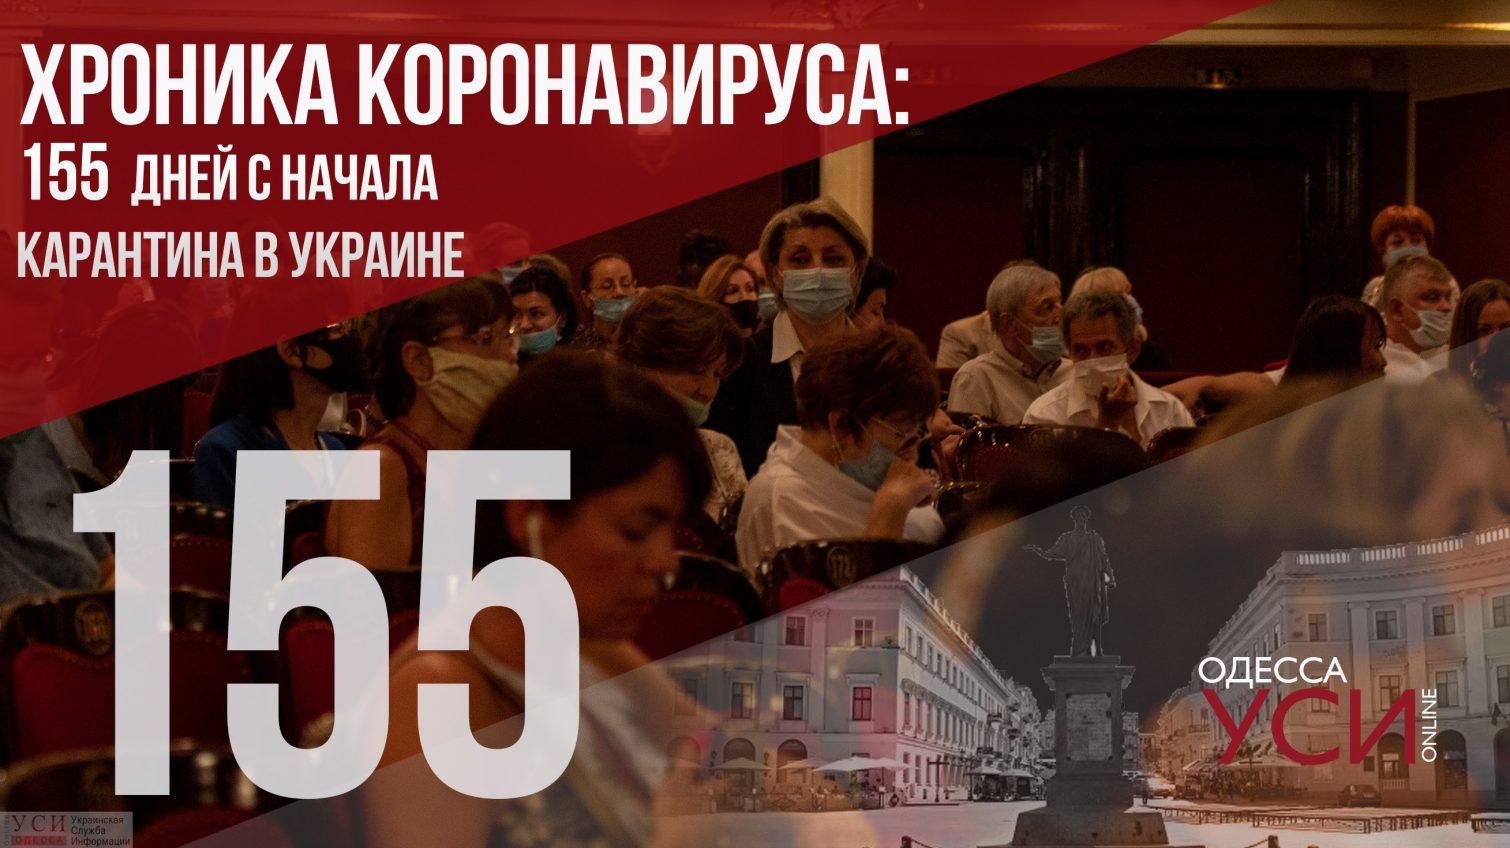 Хроника коронавируса: 155 день с начала карантина в Украине, снова антирекорд «фото»